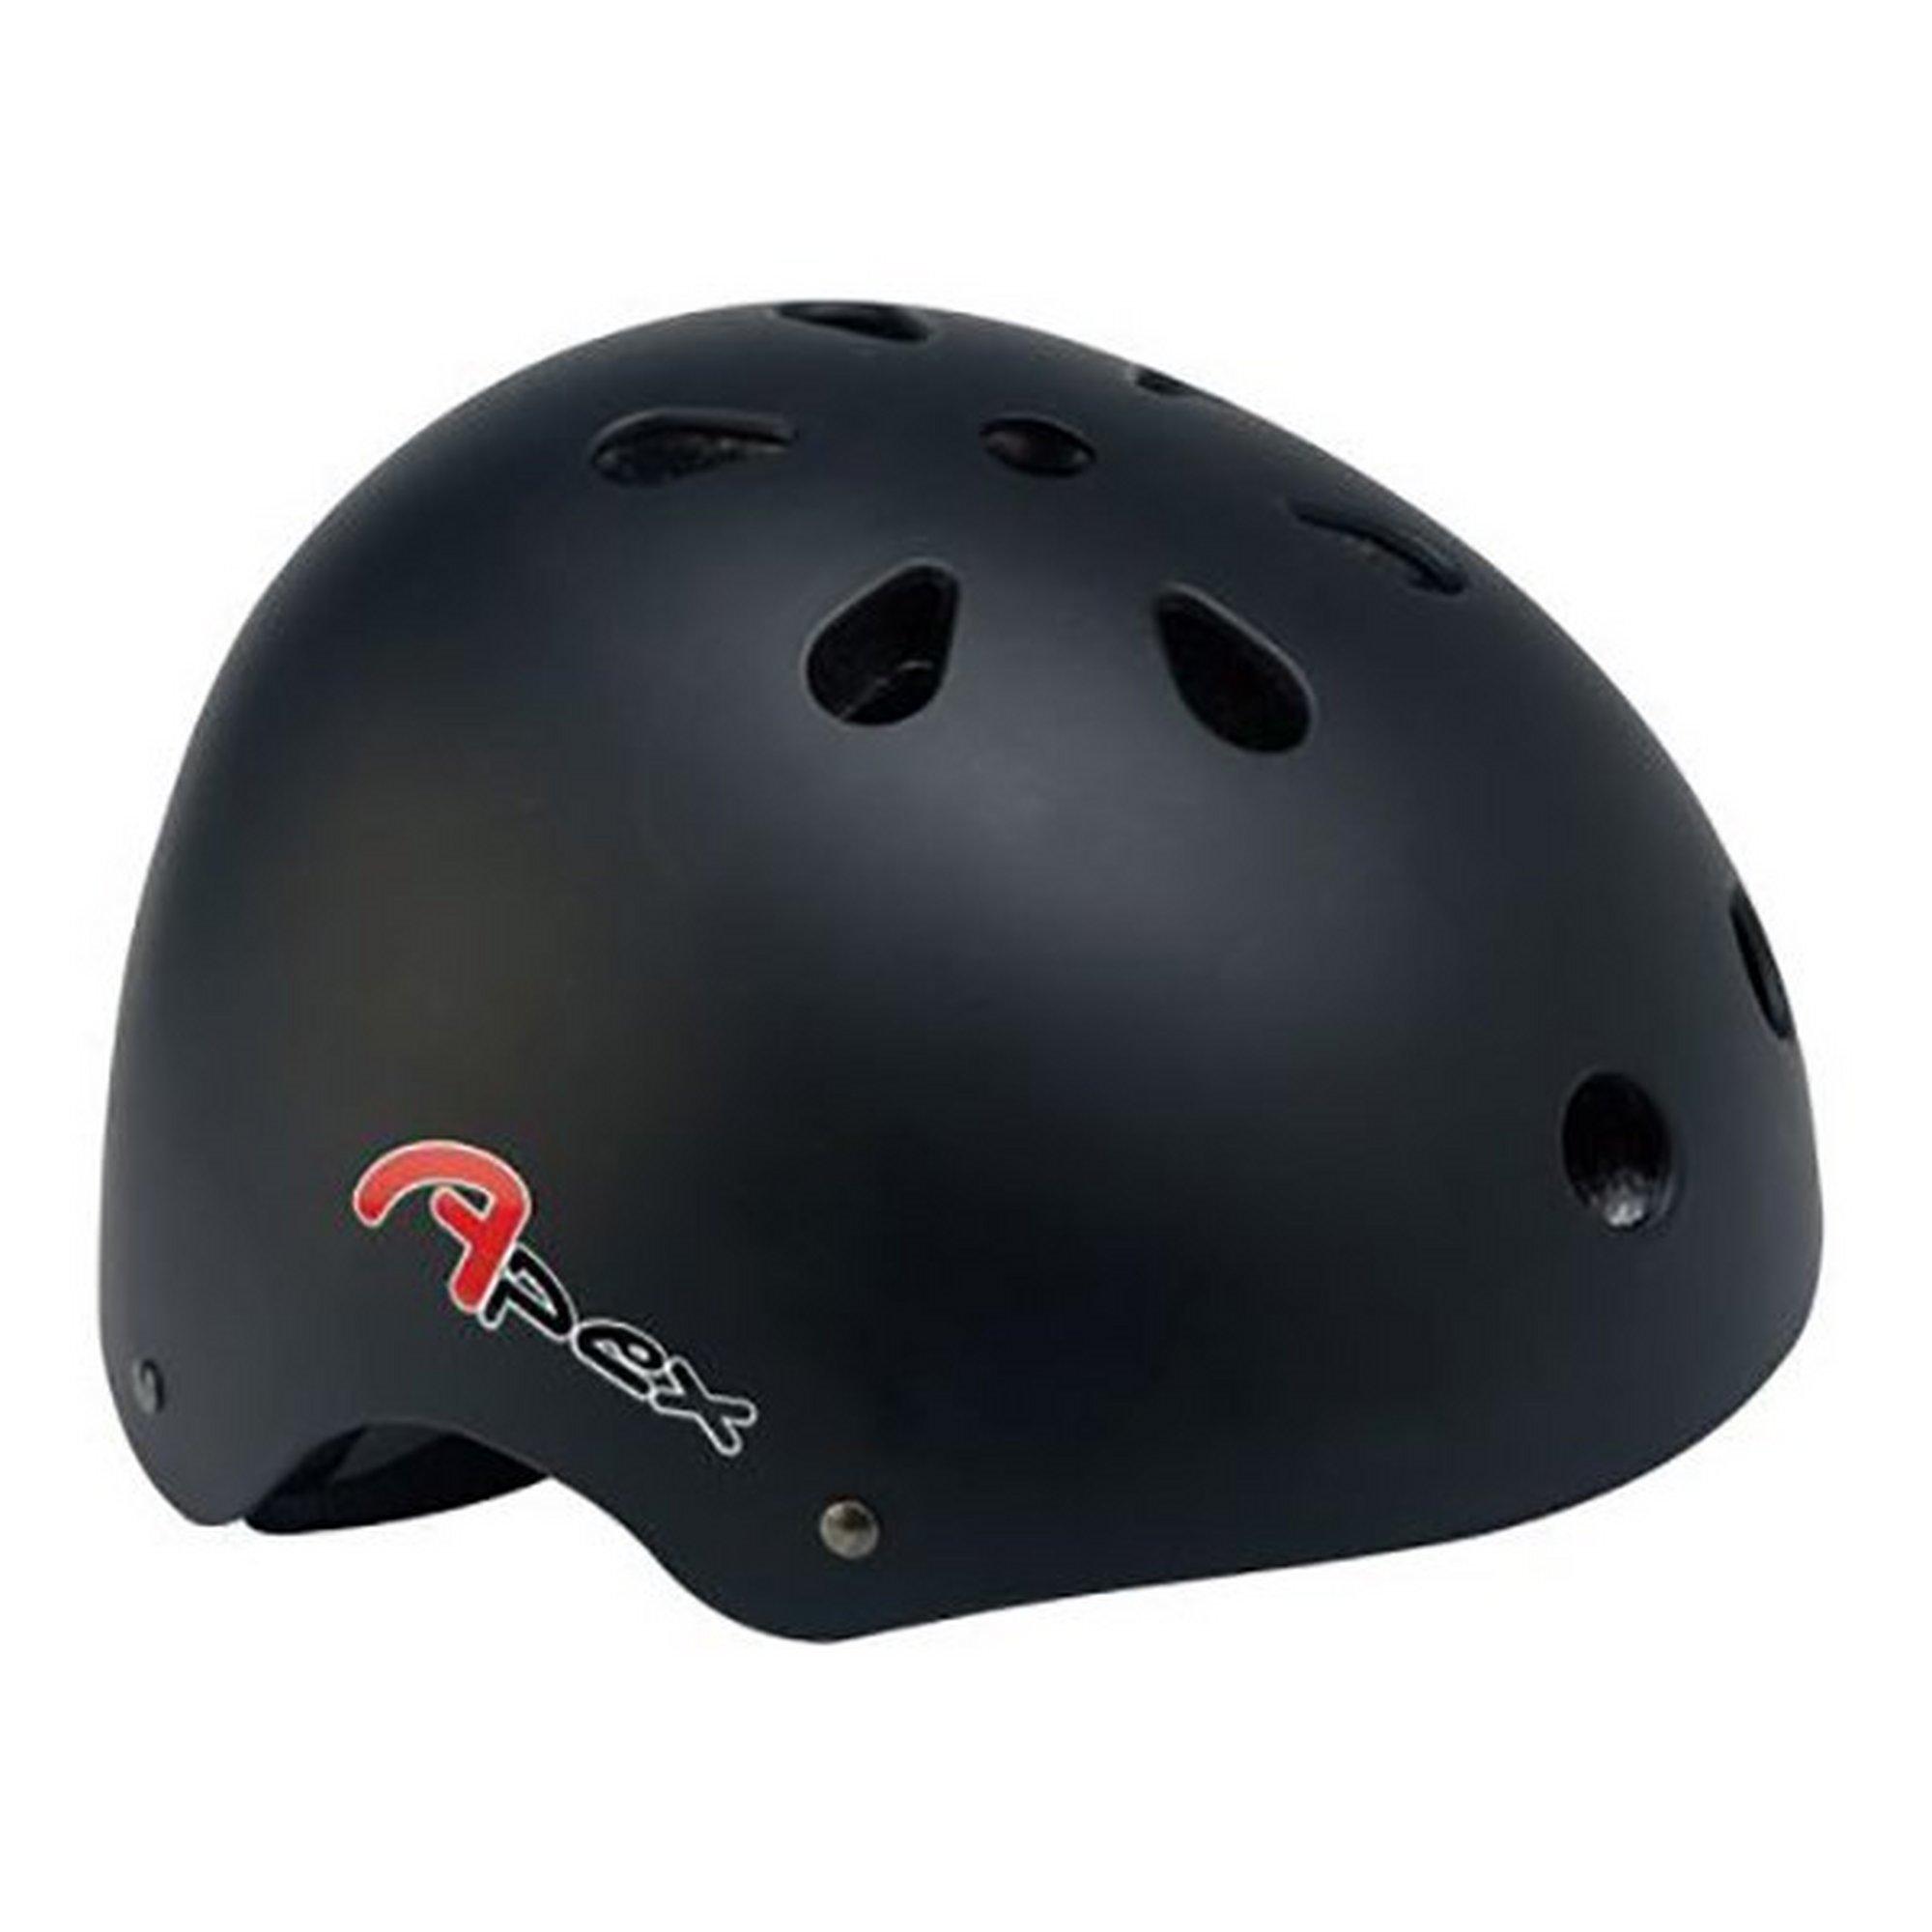 Image of Box/Skate Helmet 54-58cm